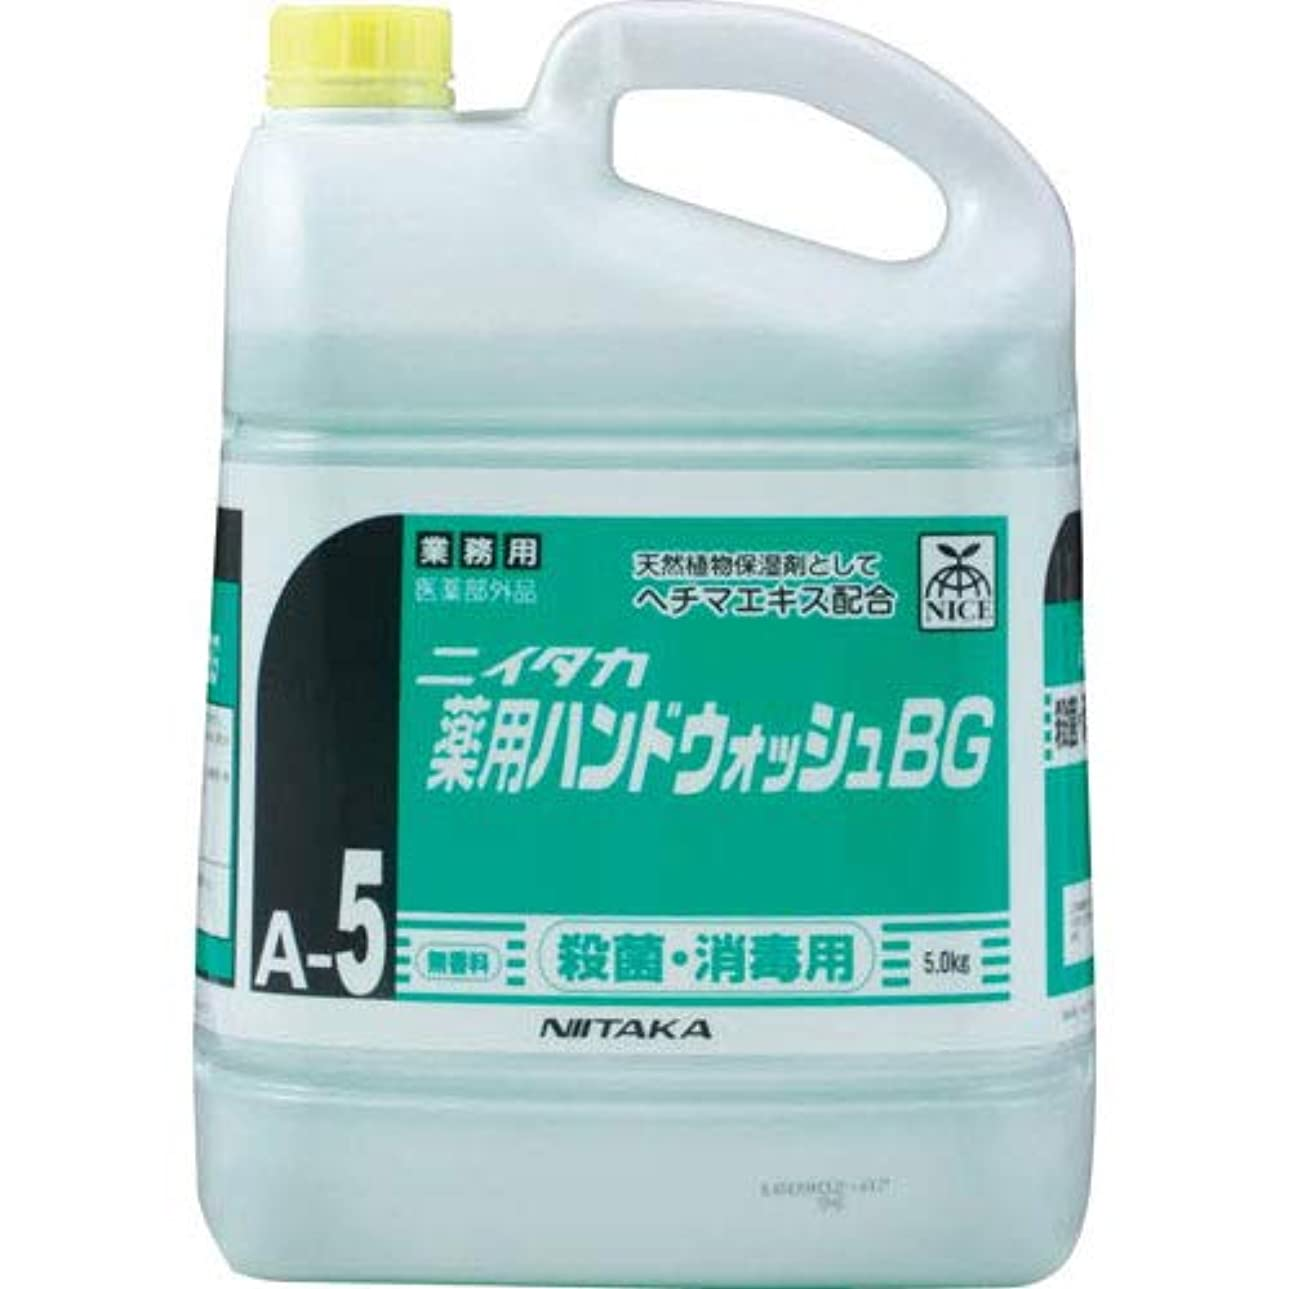 救出選出する窒息させるニイタカ 薬用ハンドウォッシュBG 5Kg×3